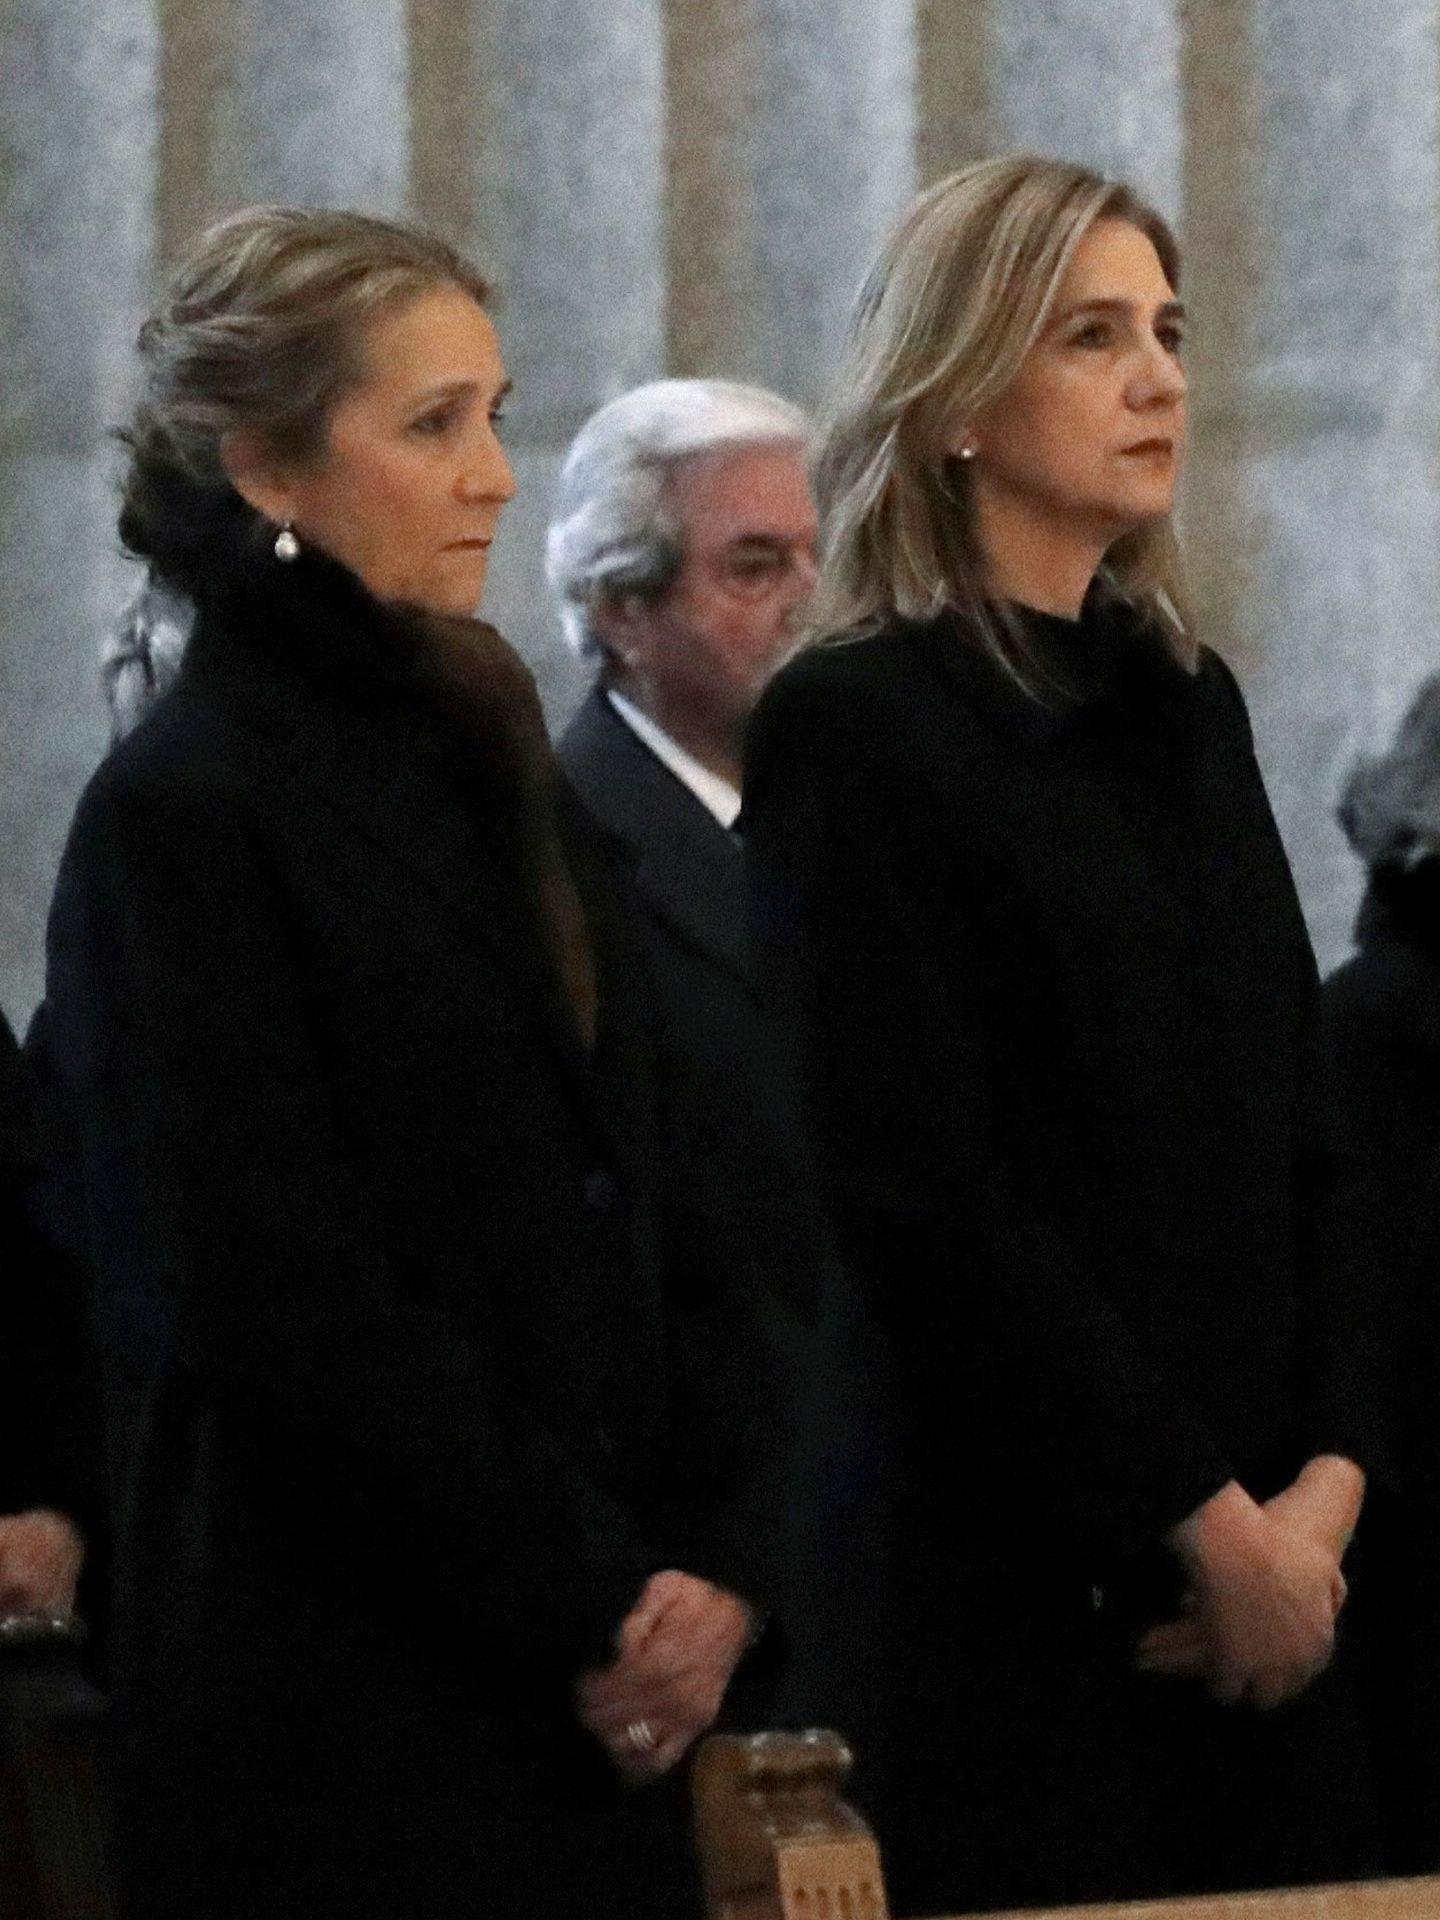 La infanta Cristina y la infanta Elena, durante la misa por don Juan de Borbón en el 25 aniversario de su muerte. (EFE)